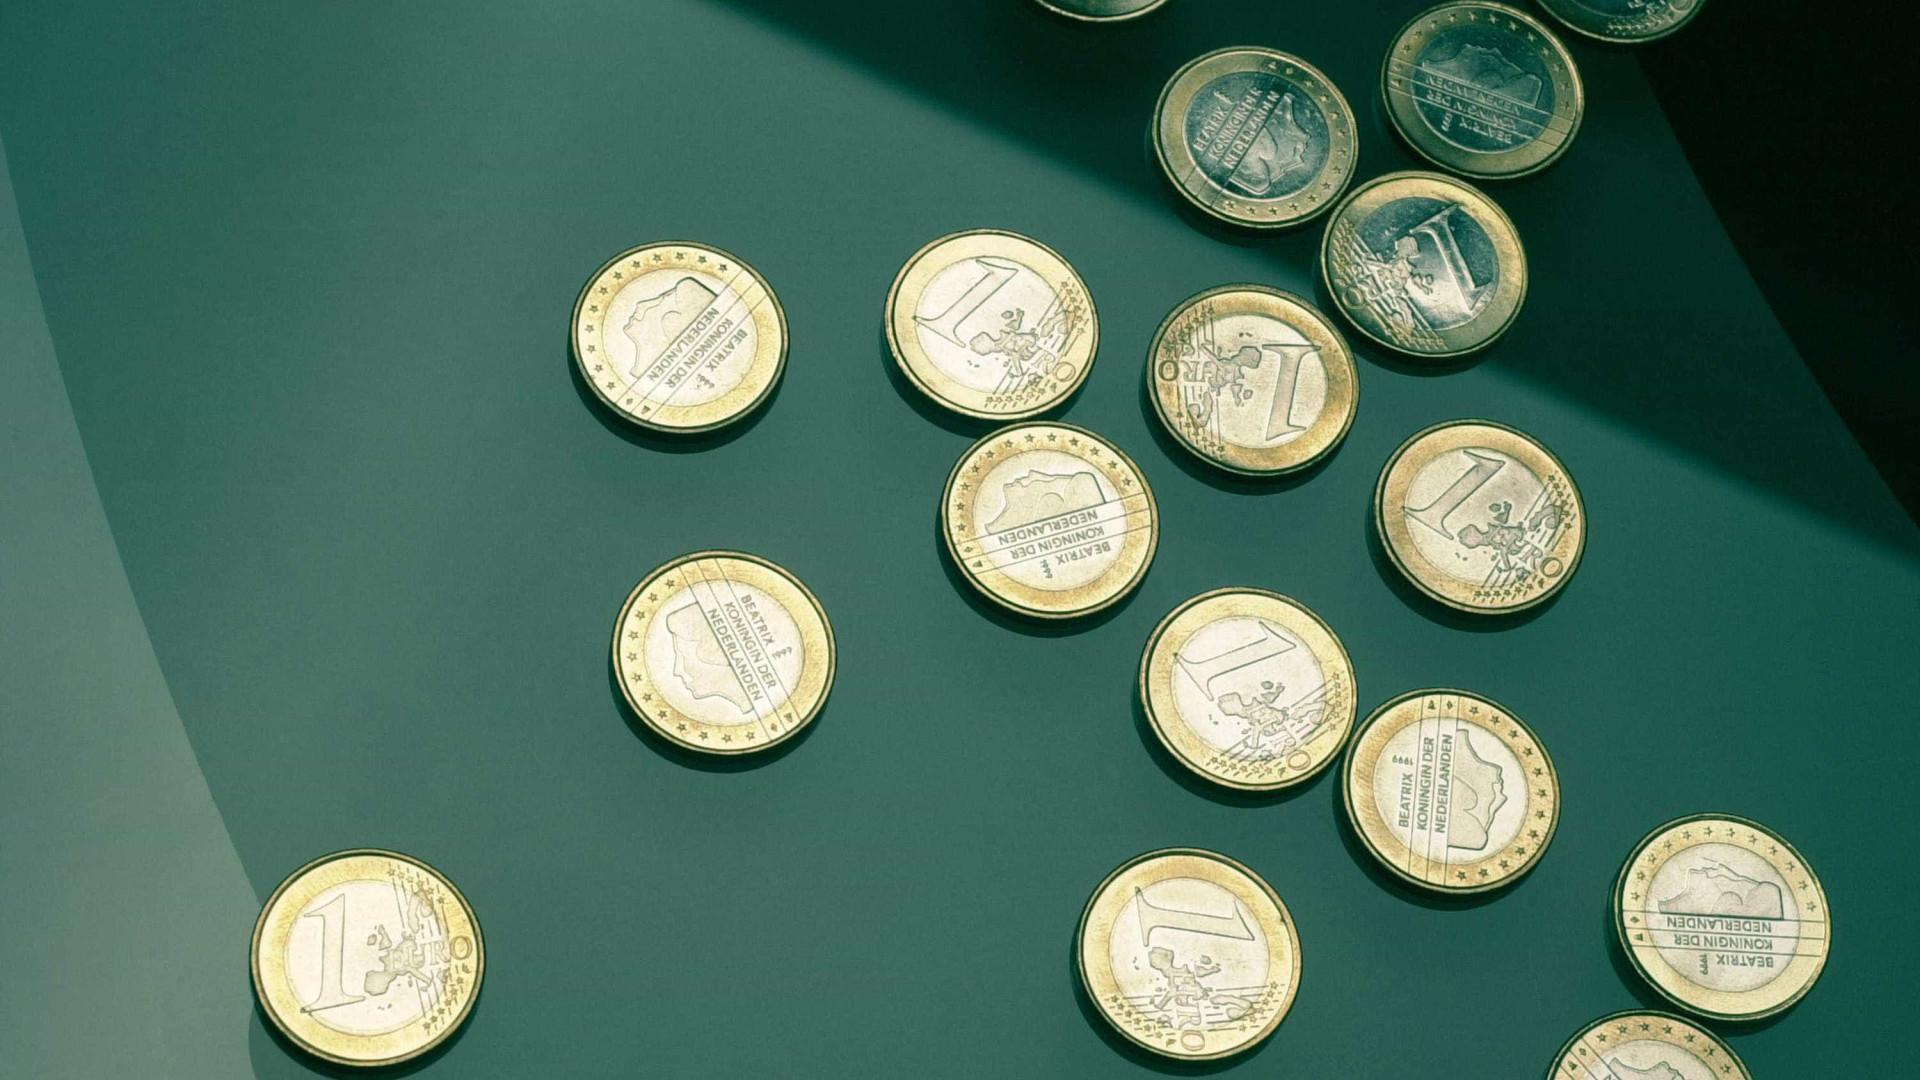 Preços das portagens devem aumentar 1,4% em 2018 (correcção)